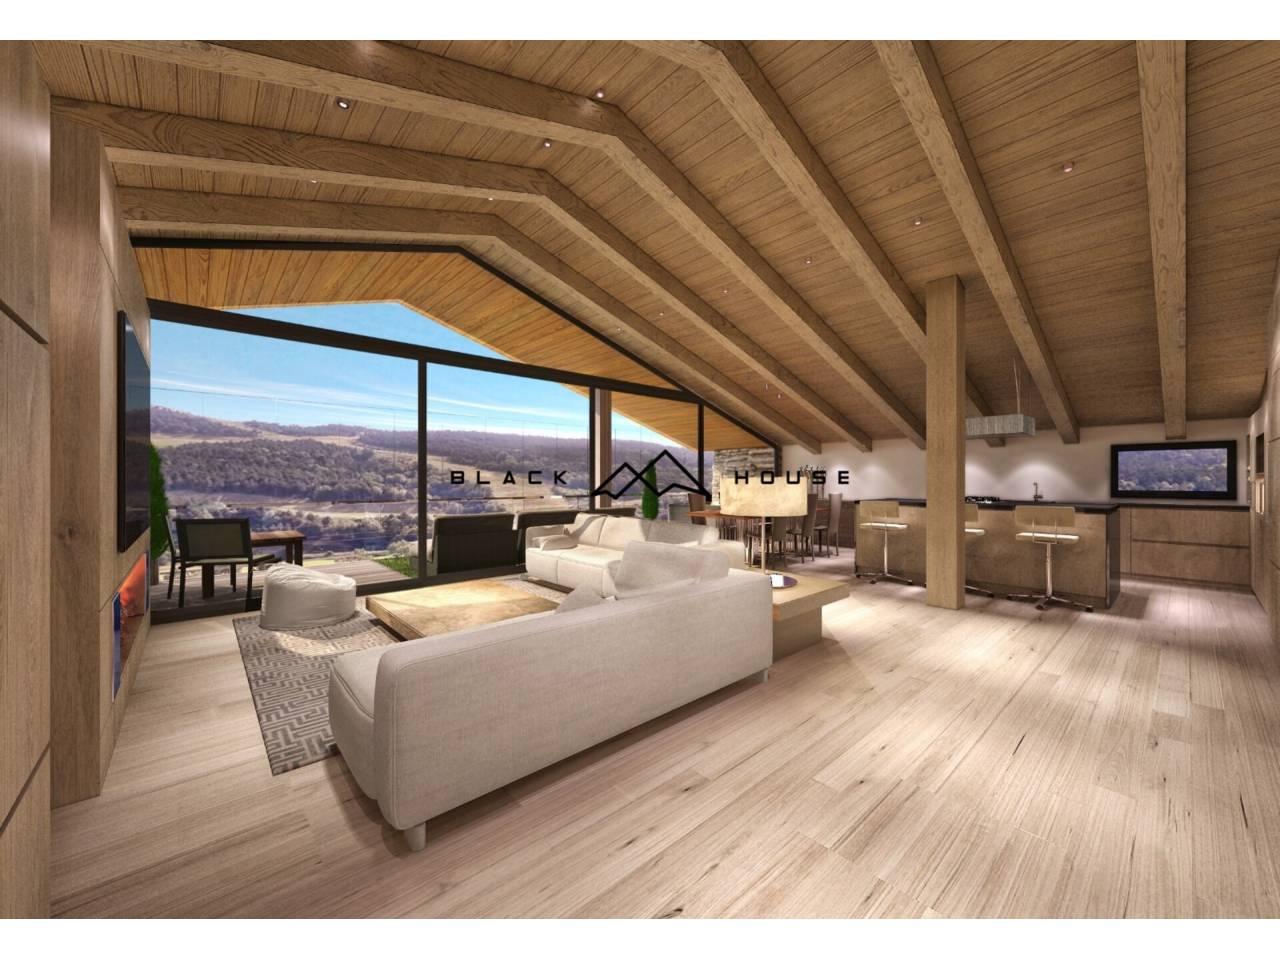 Exclusivo ático de obra nueva para vender en privilegiada zona del Tarter, con mucho sol y vistas.